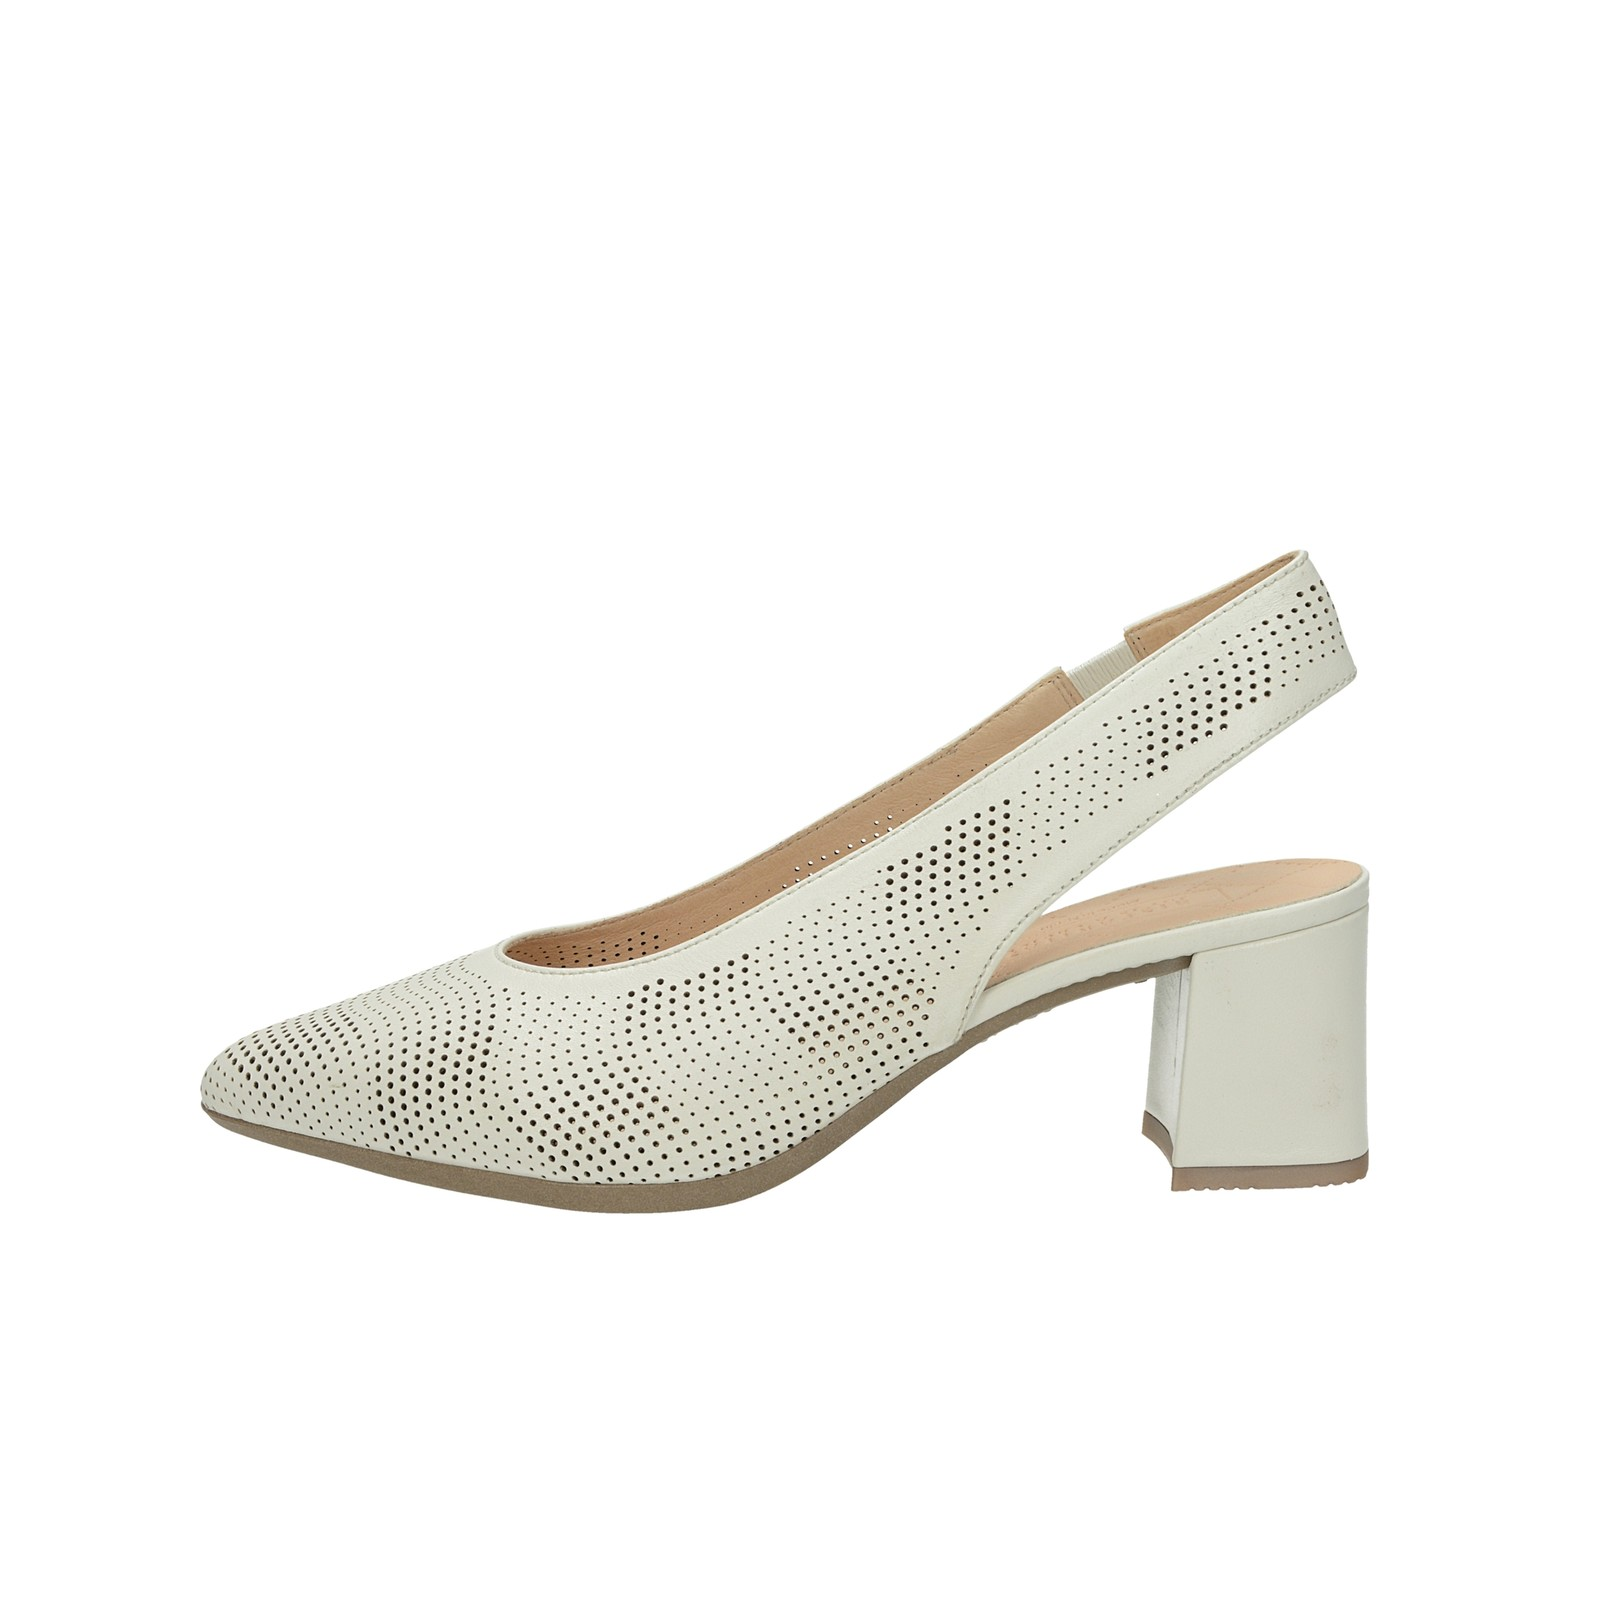 5dd495fe0e Hispanitas dámské kožené perforované sandály - béžové Hispanitas dámské  kožené perforované sandály - béžové ...